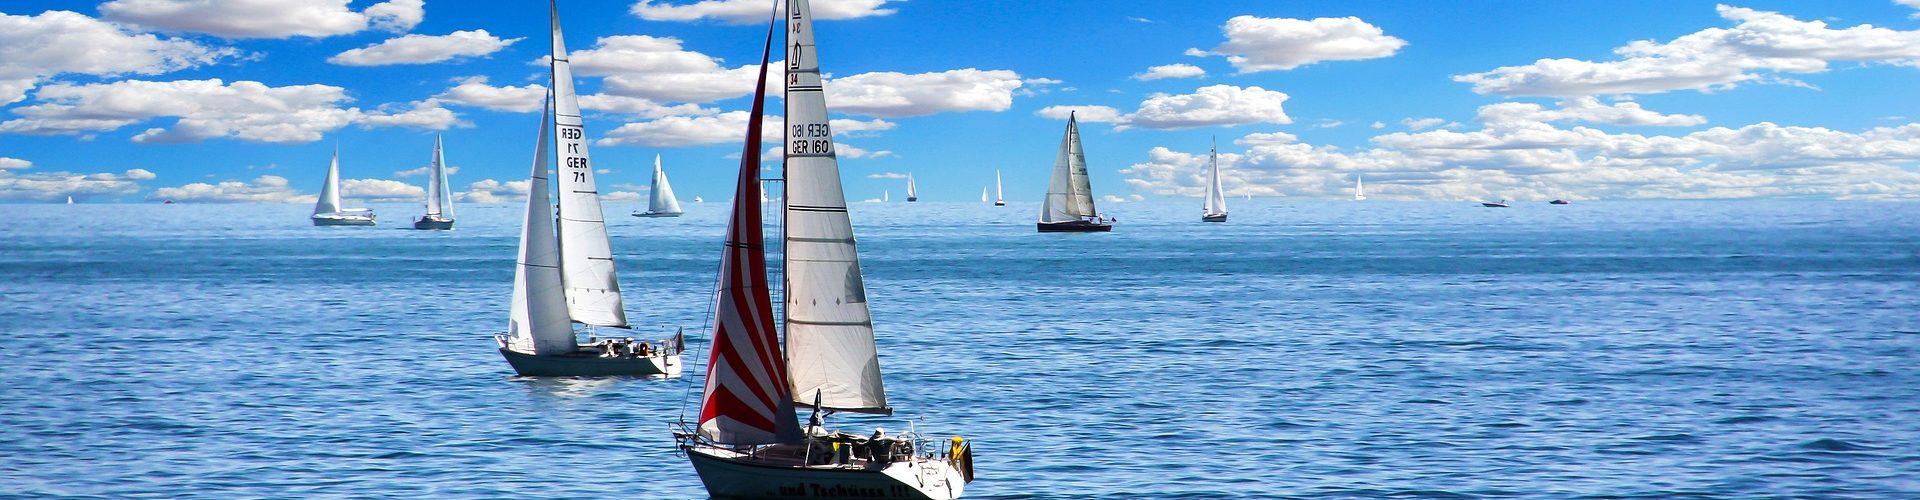 segeln lernen in Hauzenberg segelschein machen in Hauzenberg 1920x500 - Segeln lernen in Hauzenberg